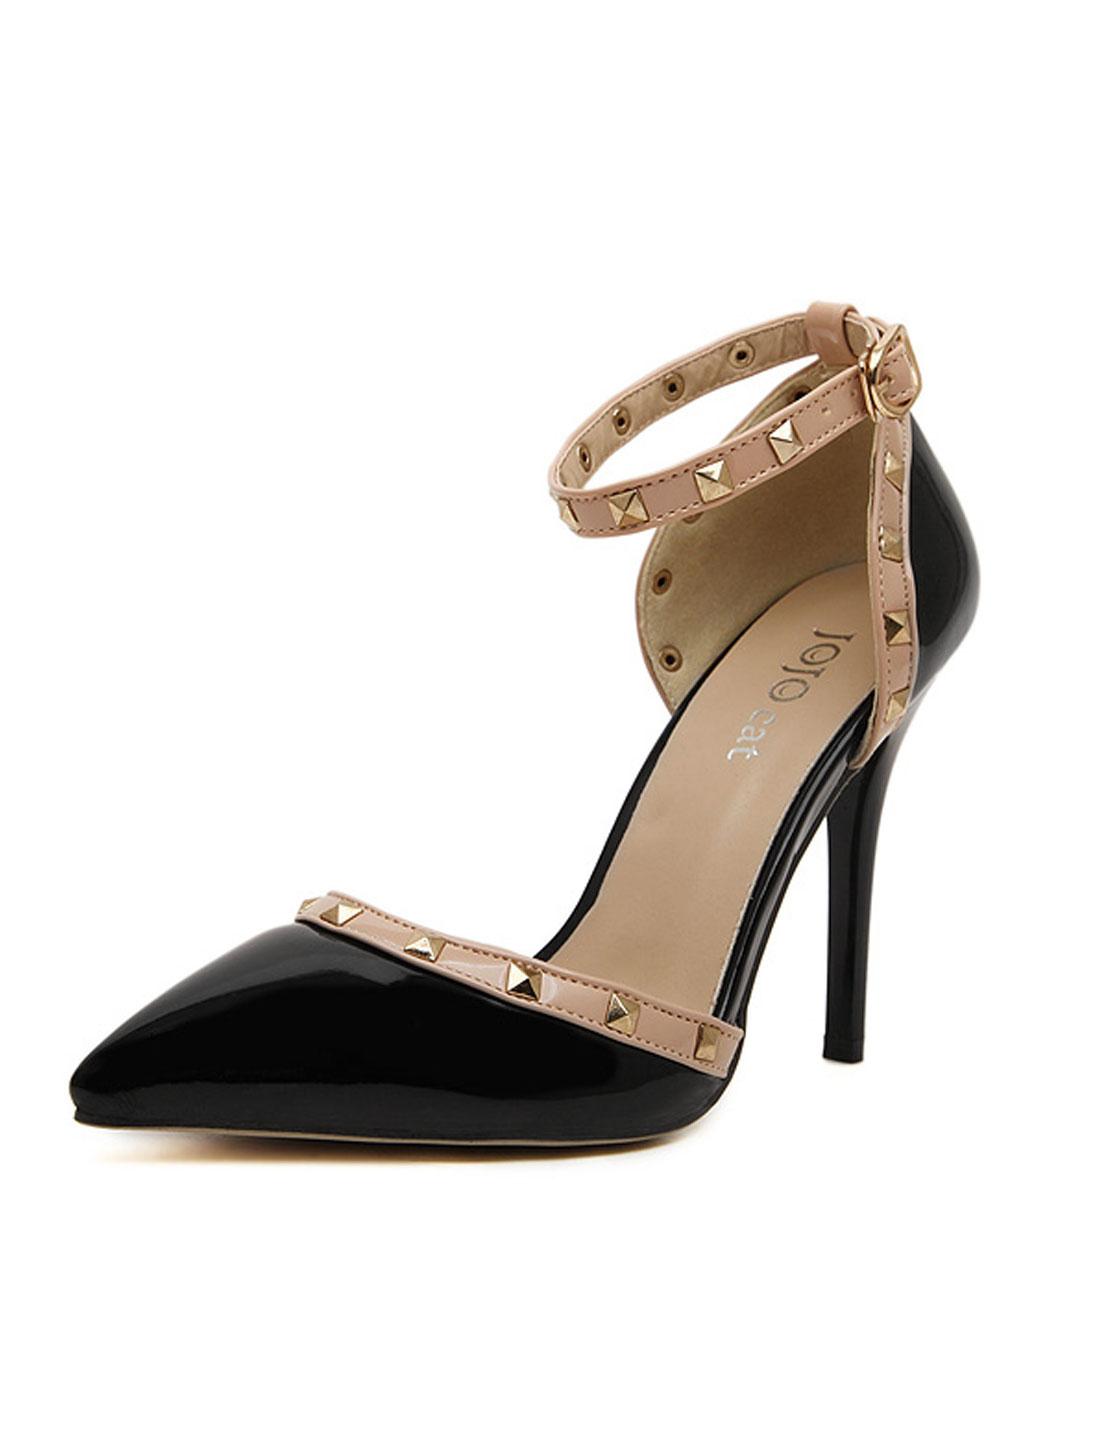 Woman Rivet Embellished Pointed Ankle Strap Pumps Black US 8